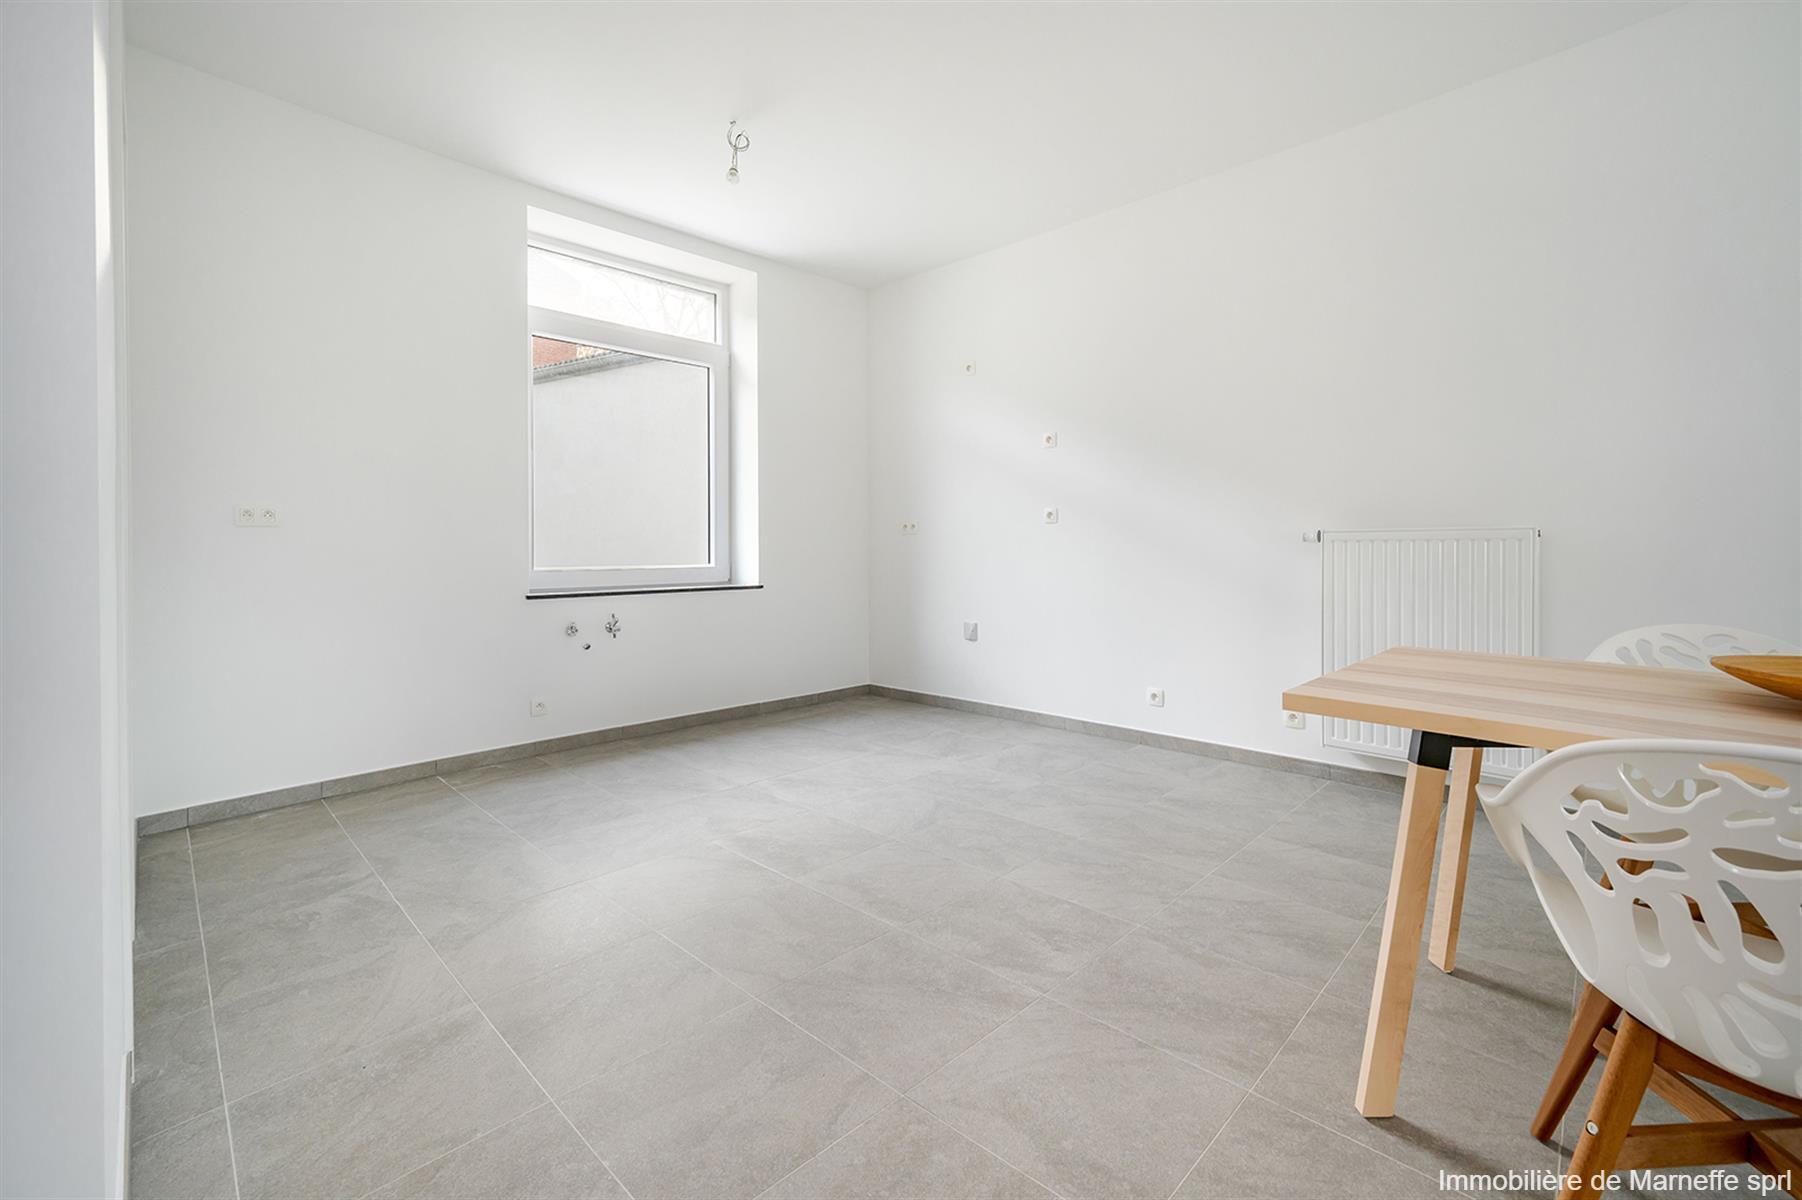 Maison - Grâce-Hollogne Velroux - #4325744-5